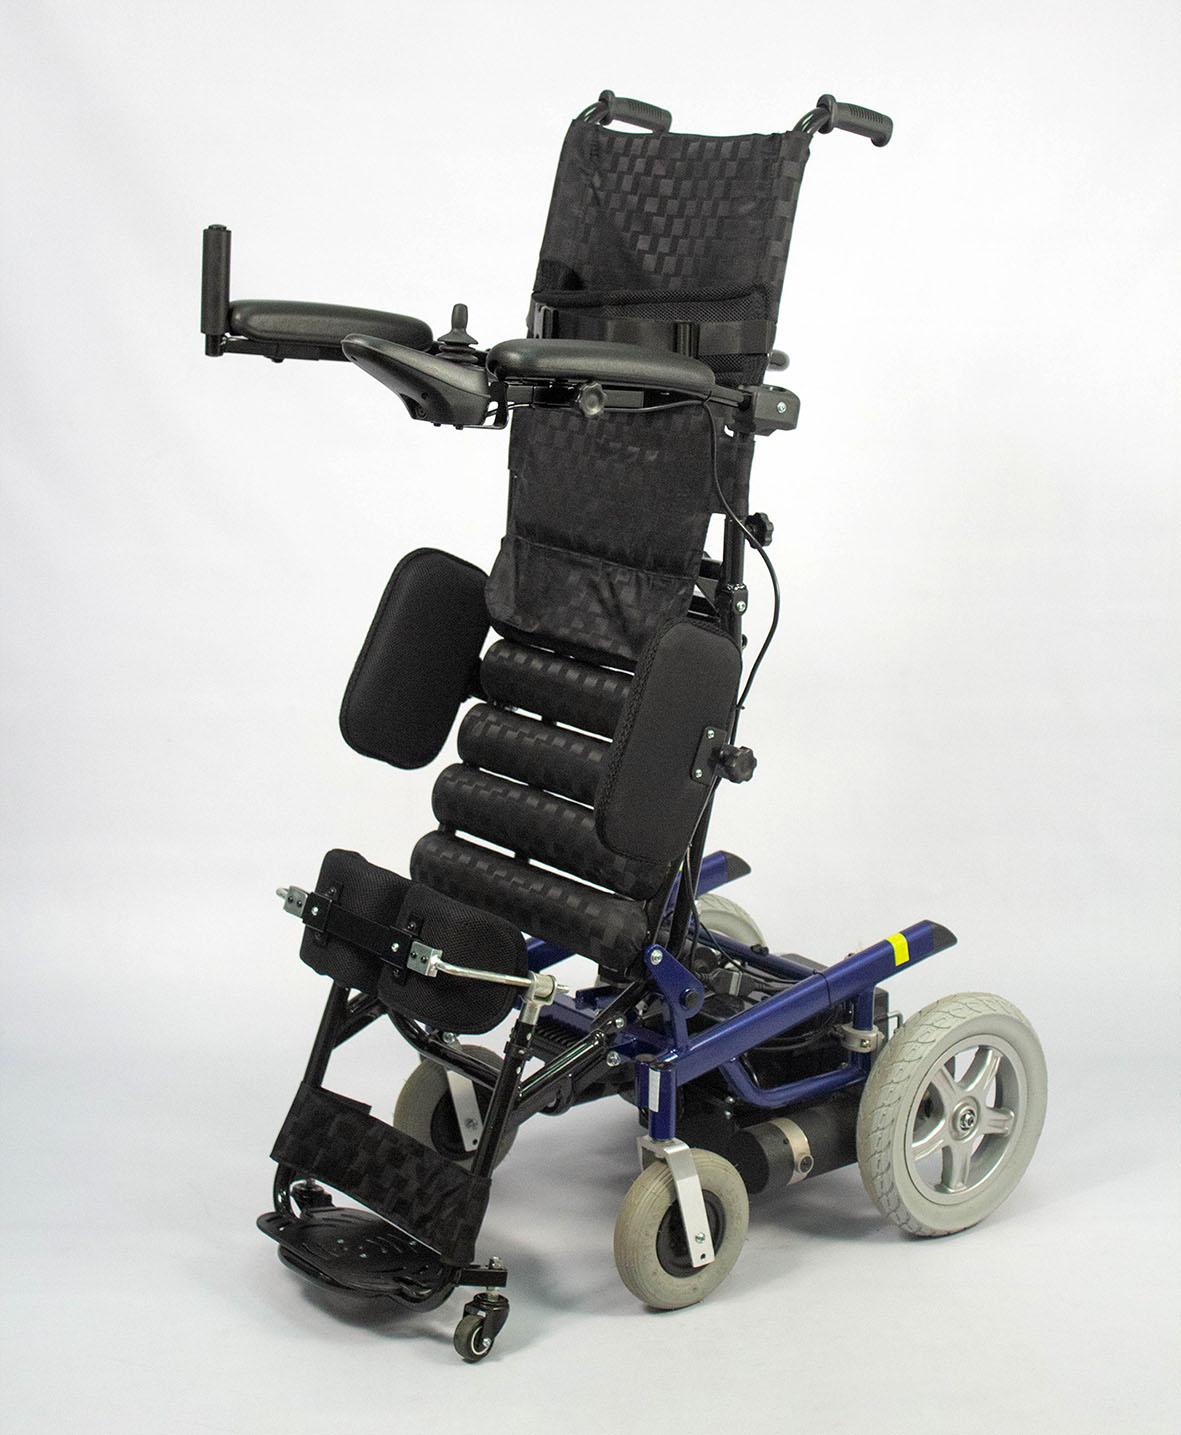 Кресло-коляска инвалидная электрическая с вертикализатором LY-EB103-139